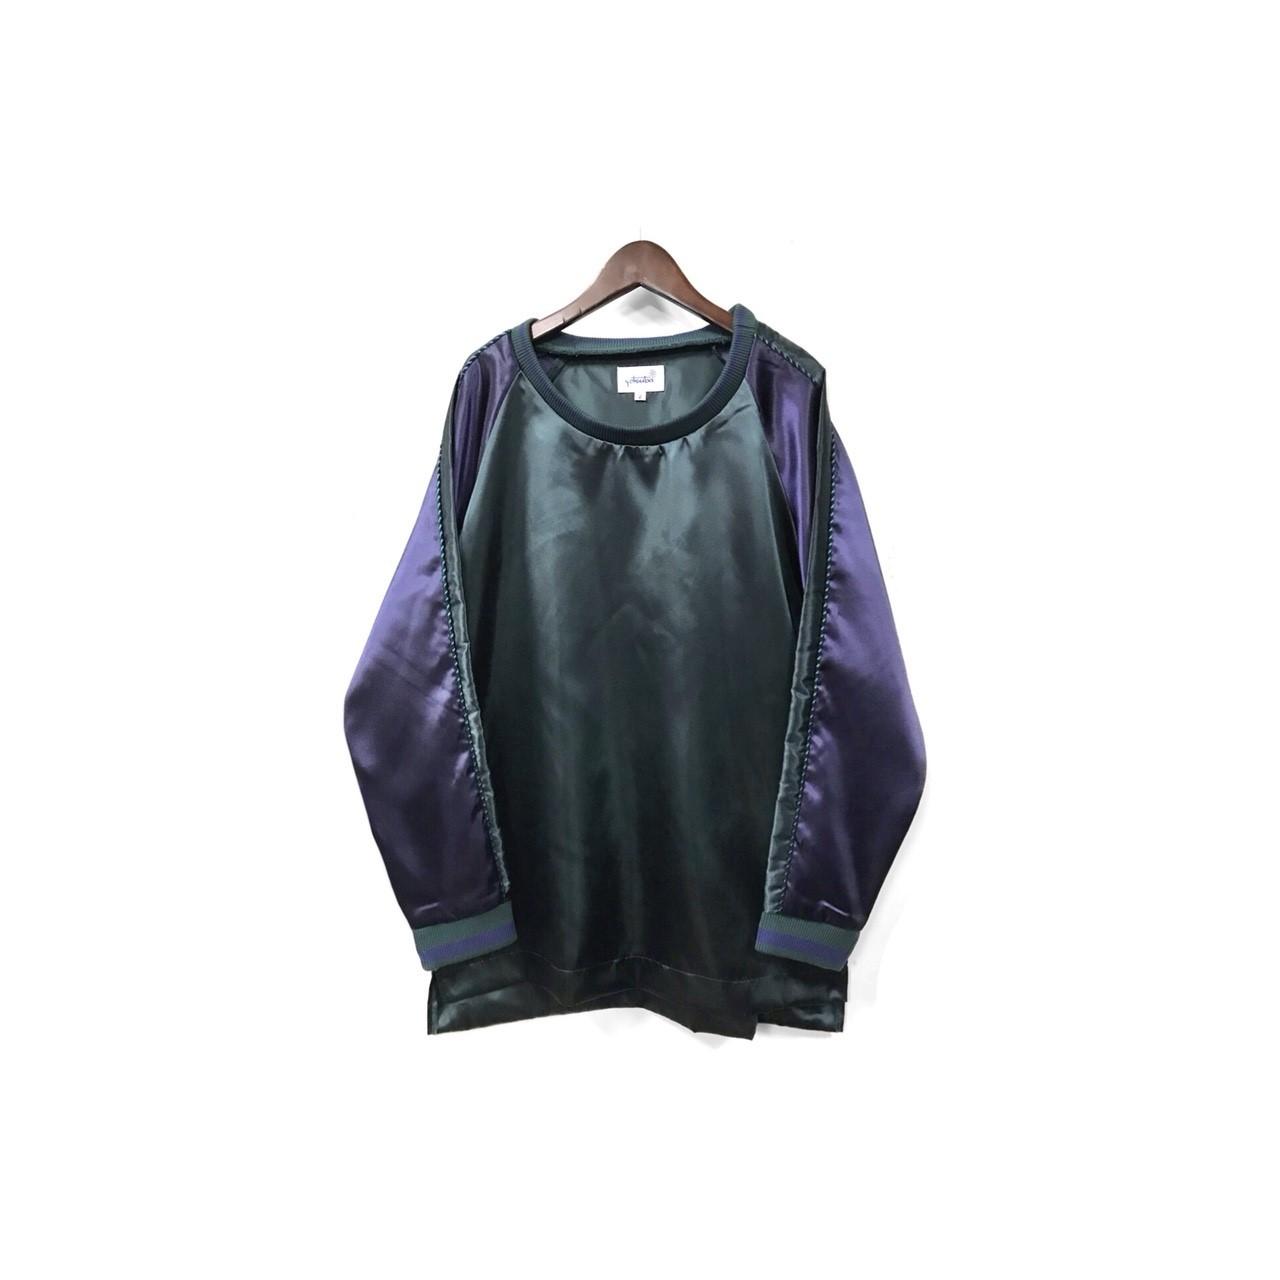 yotsuba - Souvenir Pullover Tops / Green ¥18000+tax